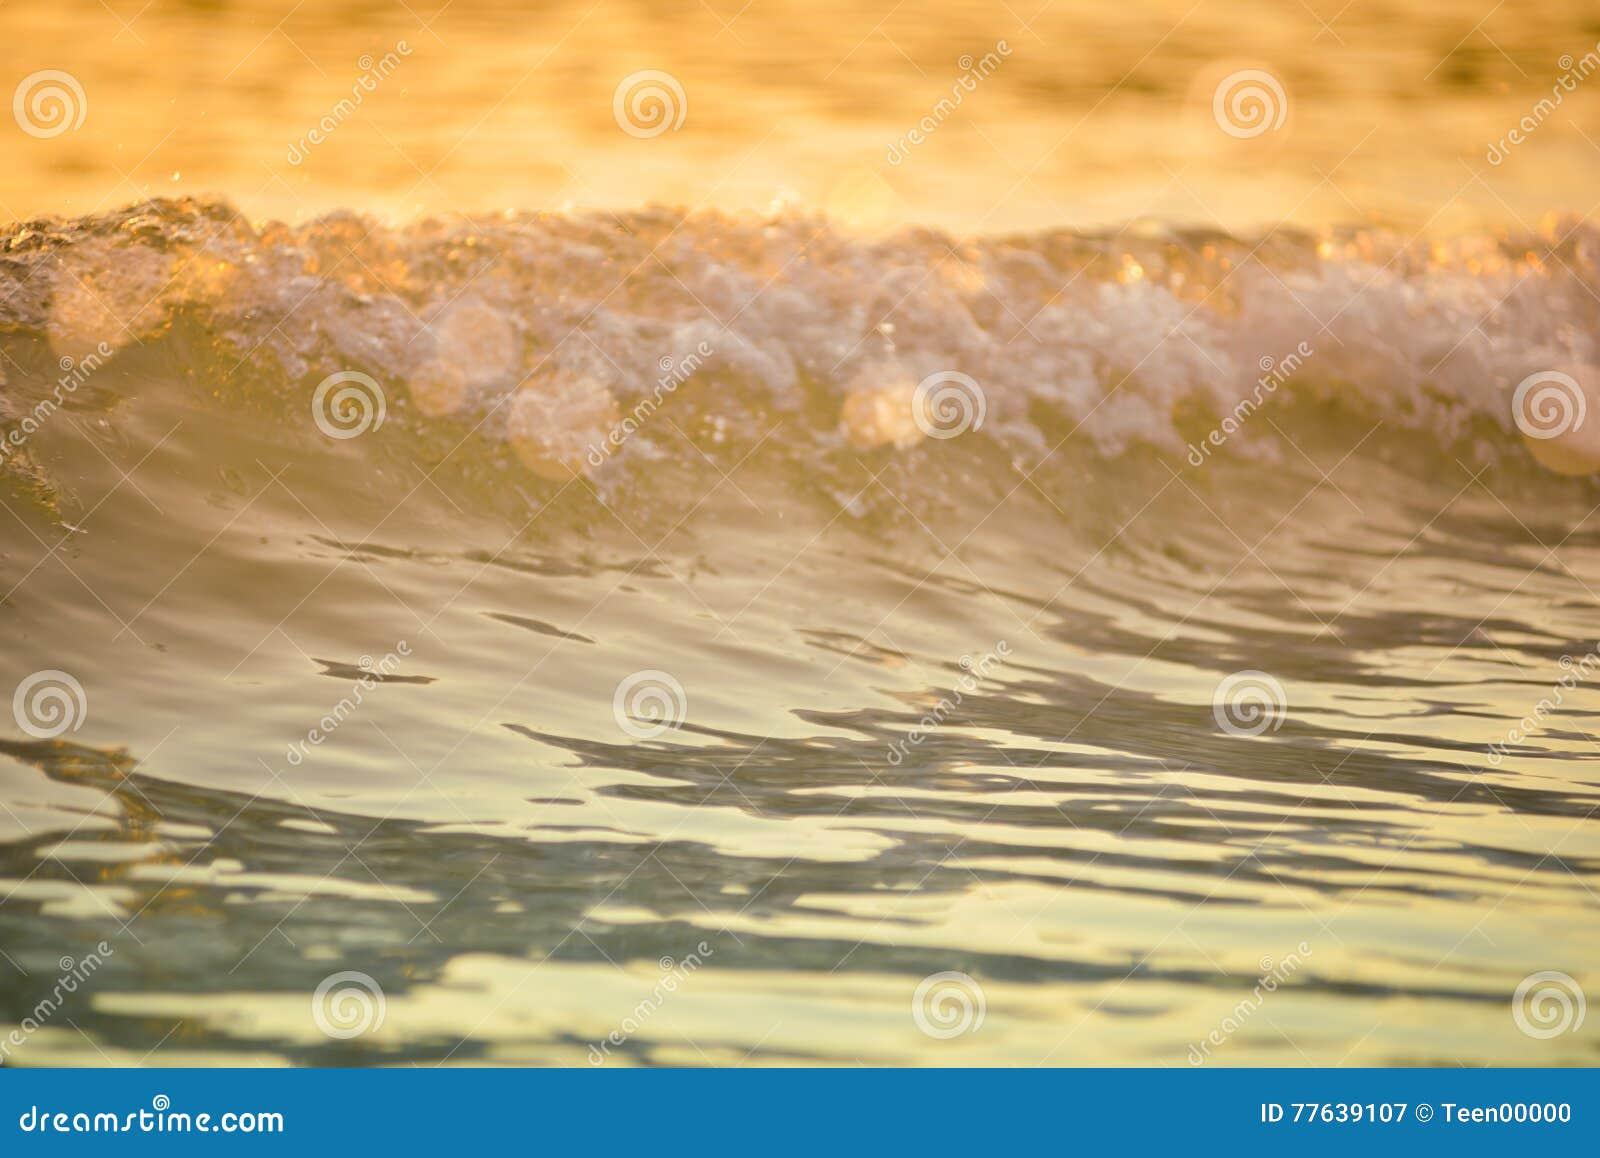 surf sea blured wave at golden light sunset beach background de